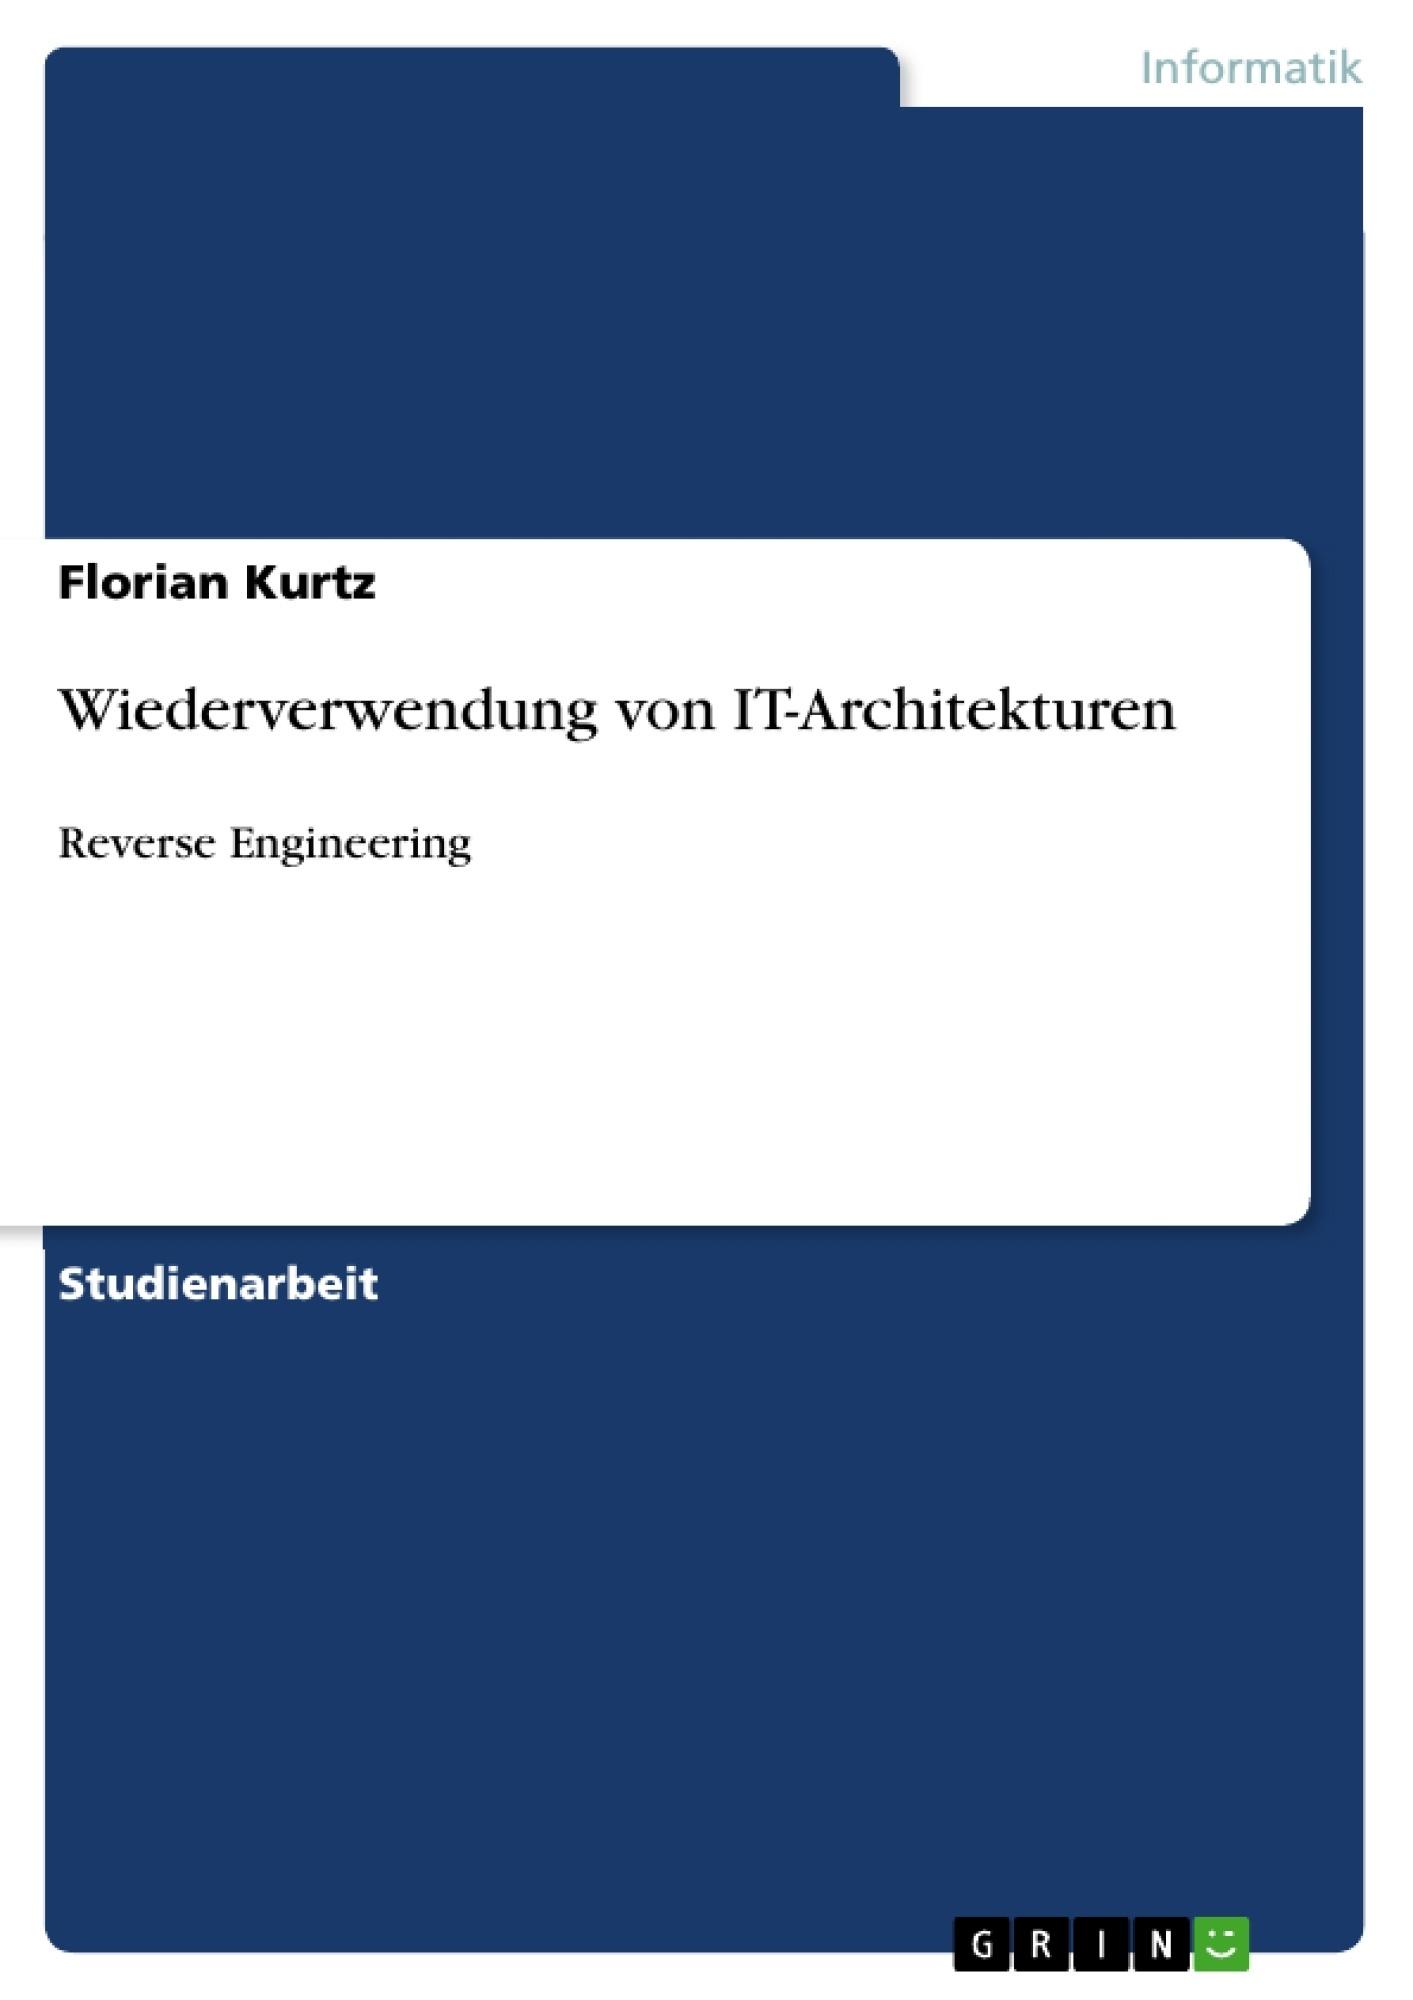 Titel: Wiederverwendung von IT-Architekturen